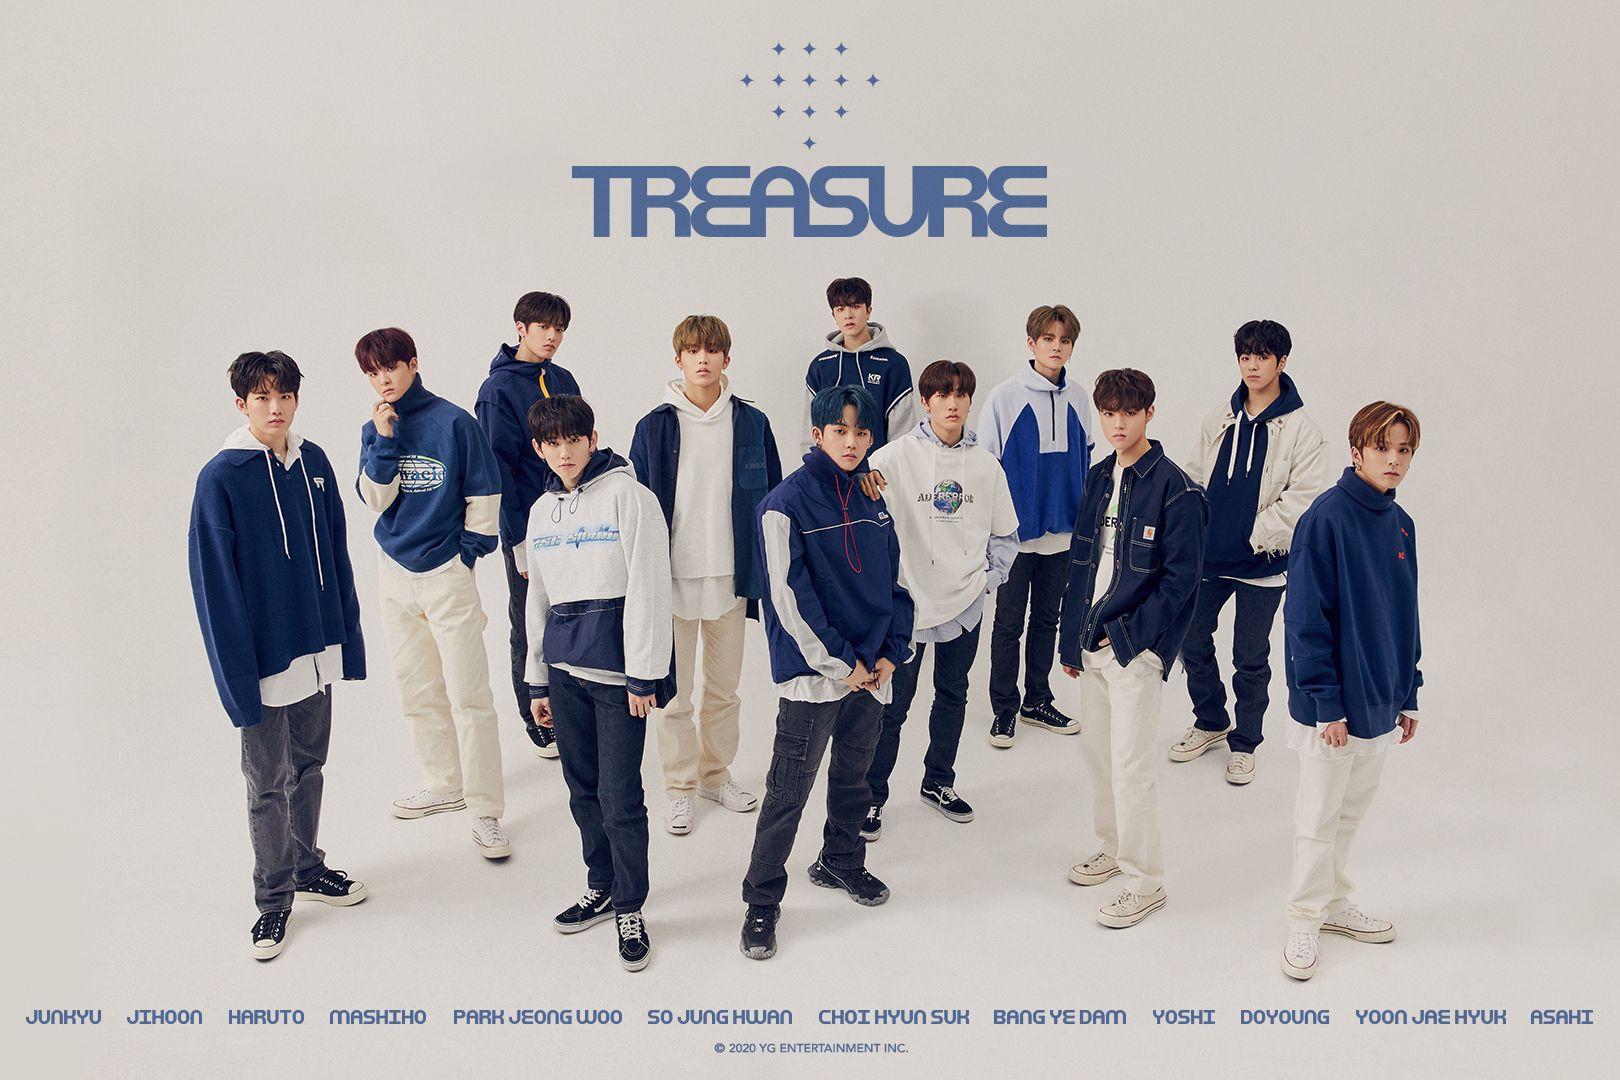 YG Entertainment presenta a Treasure, su nueva banda que planean sea un hitazo